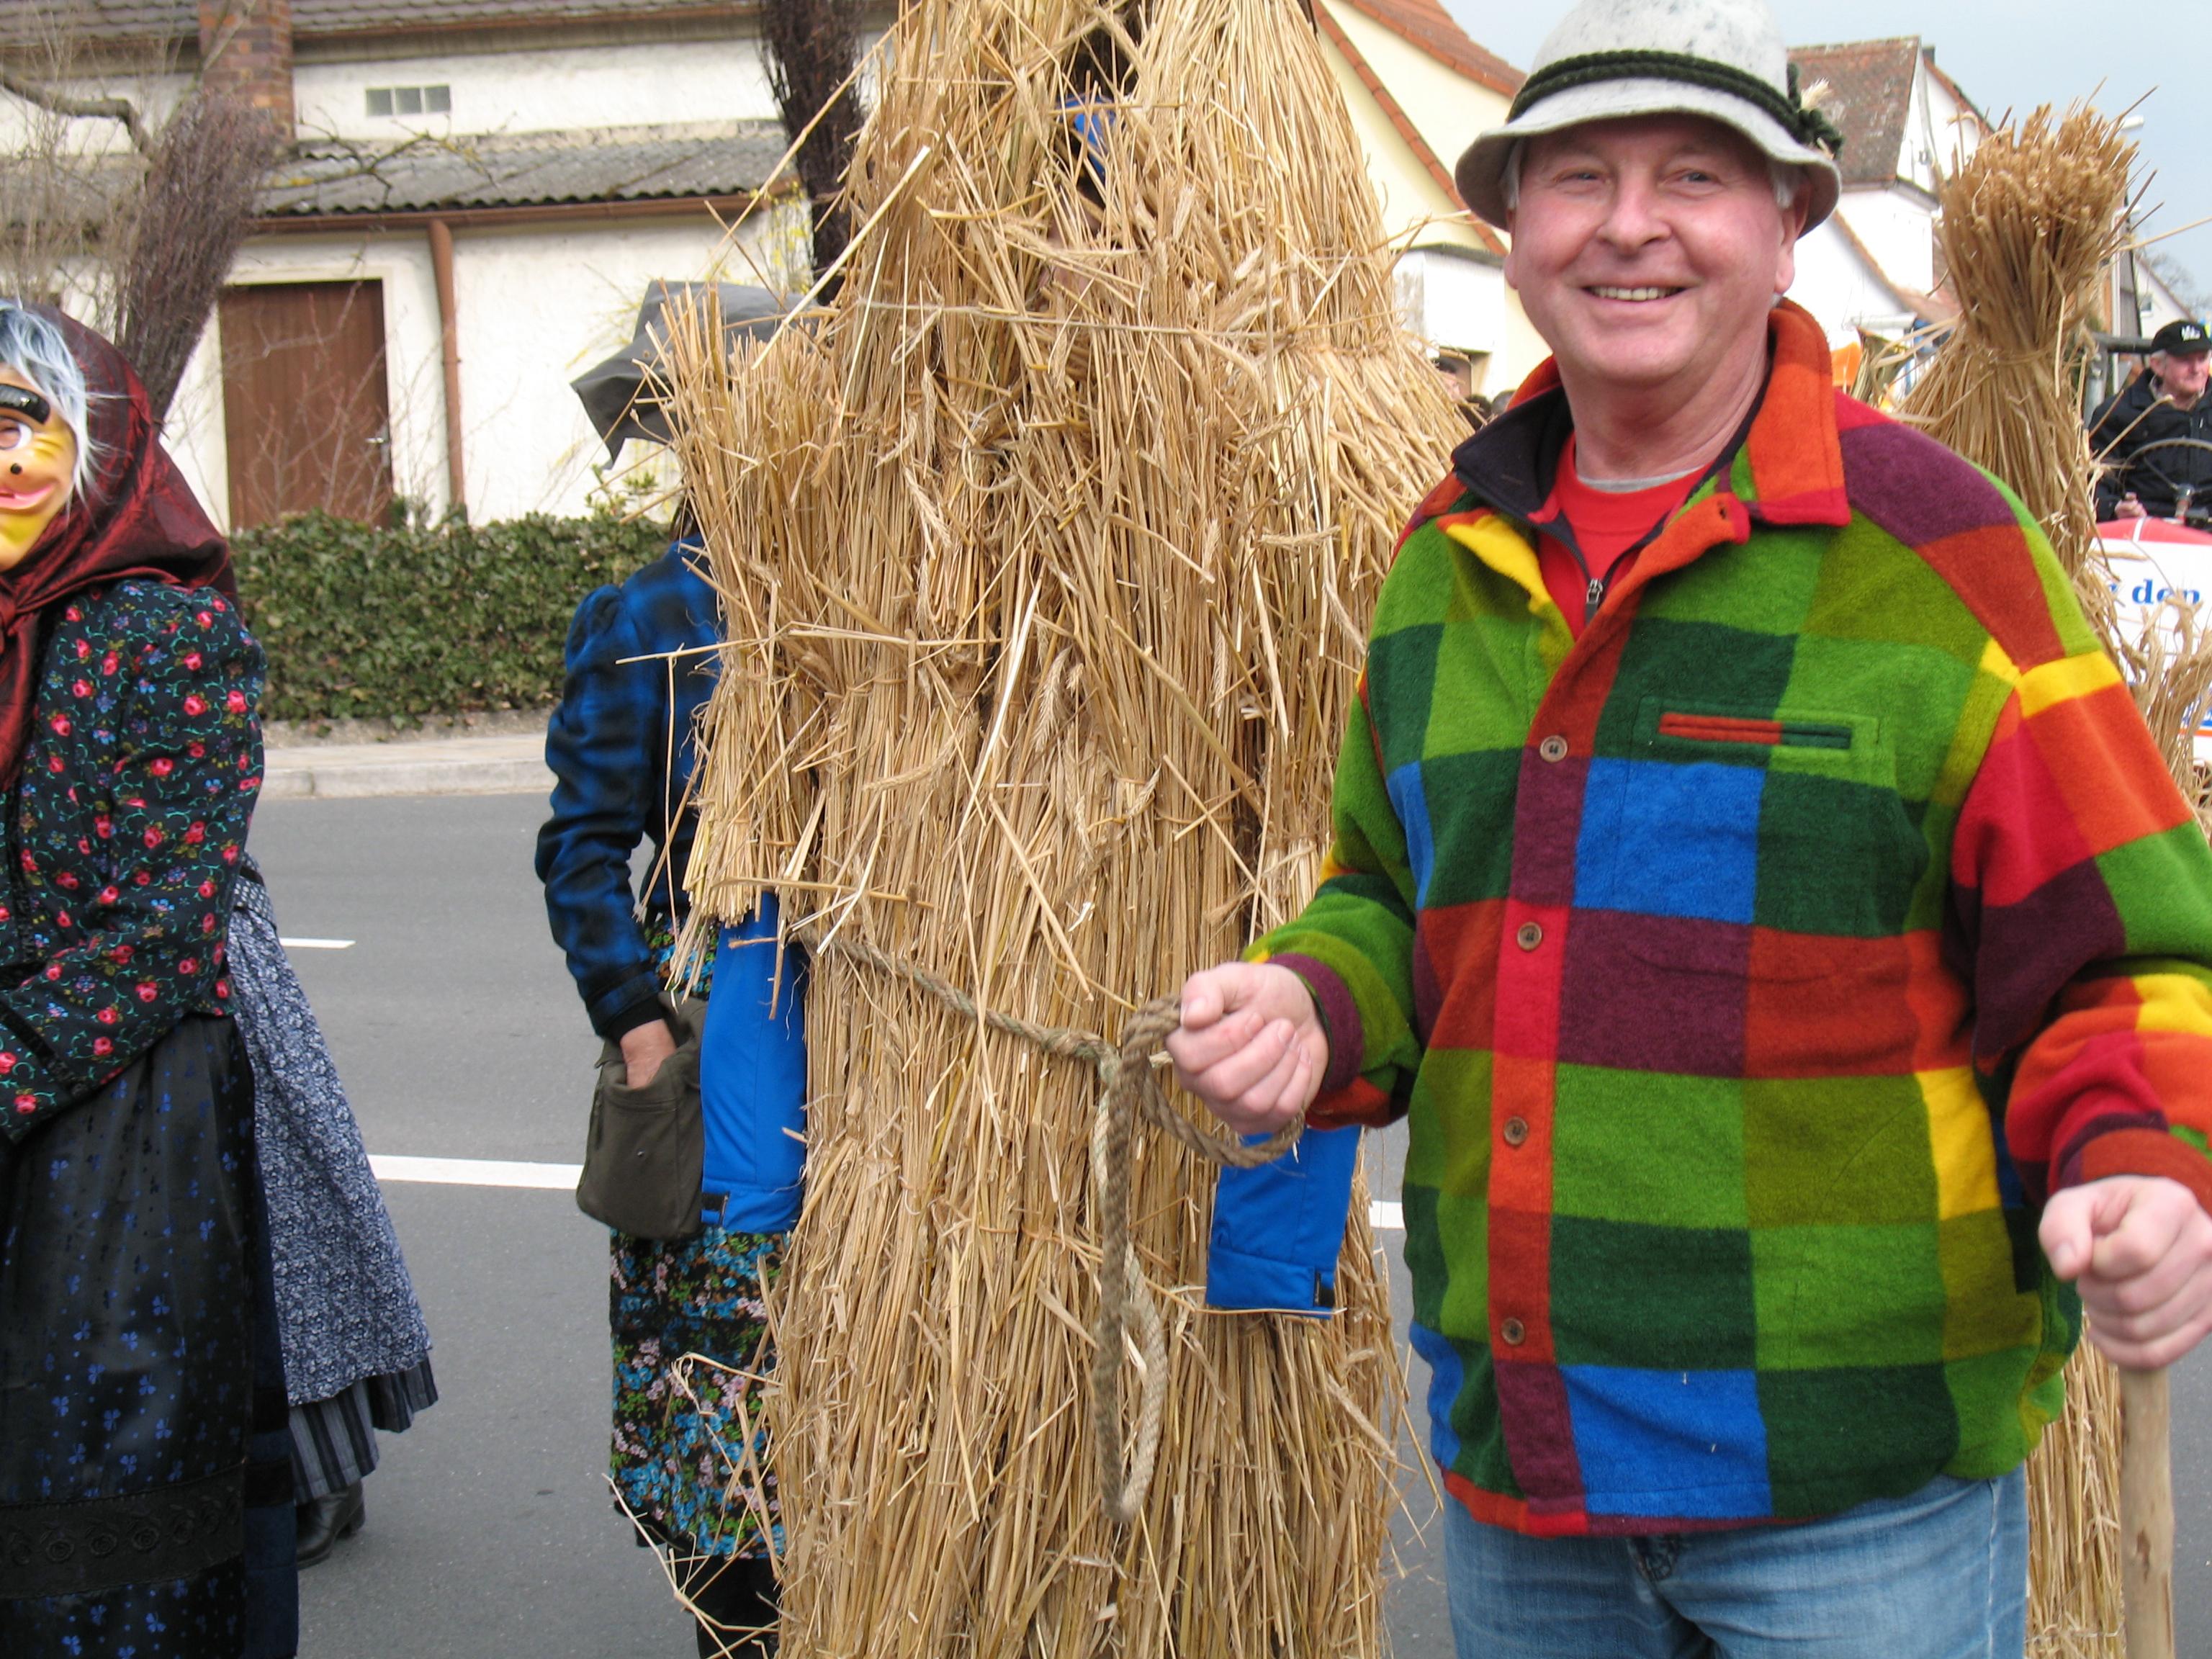 Seit über 30 Jahren zieht Reinhold Burkart nach altem fränkischem Brauch die Strohbären an und treibt dann einen beim Faschingszug durchs Dorf.